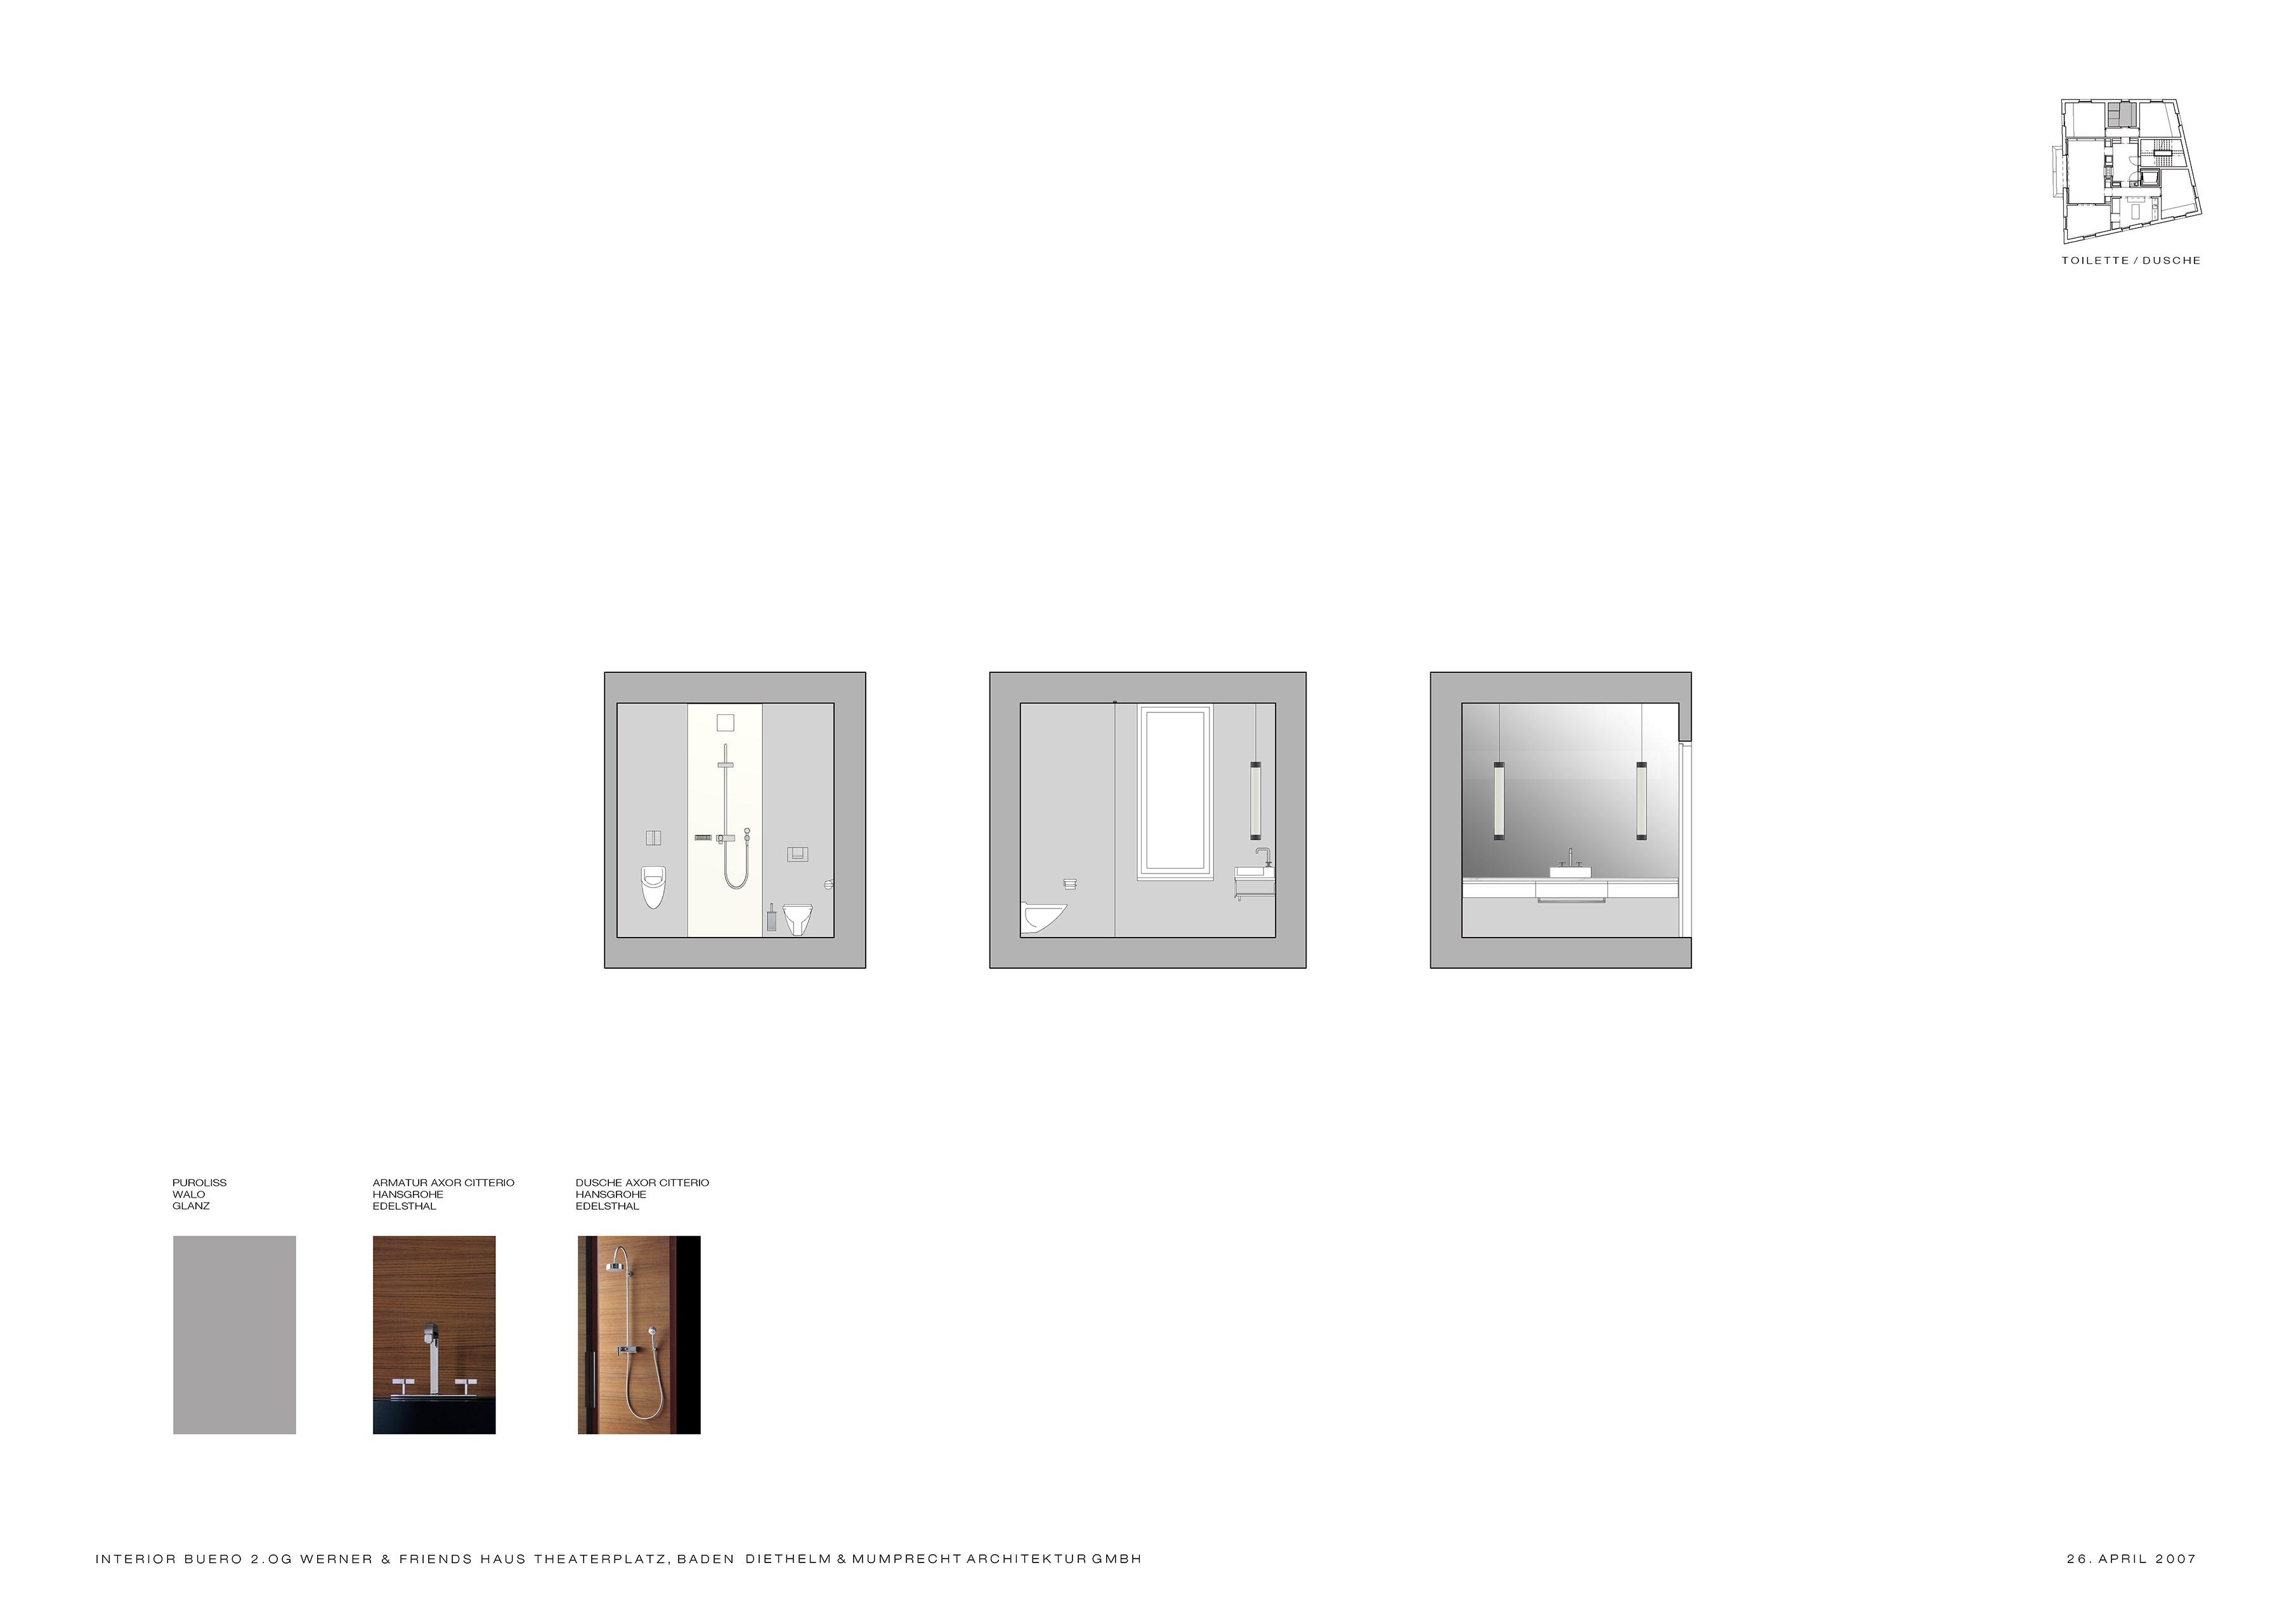 Interieur Büro, Haus Theaterplatz   Diethelm & Mumprecht